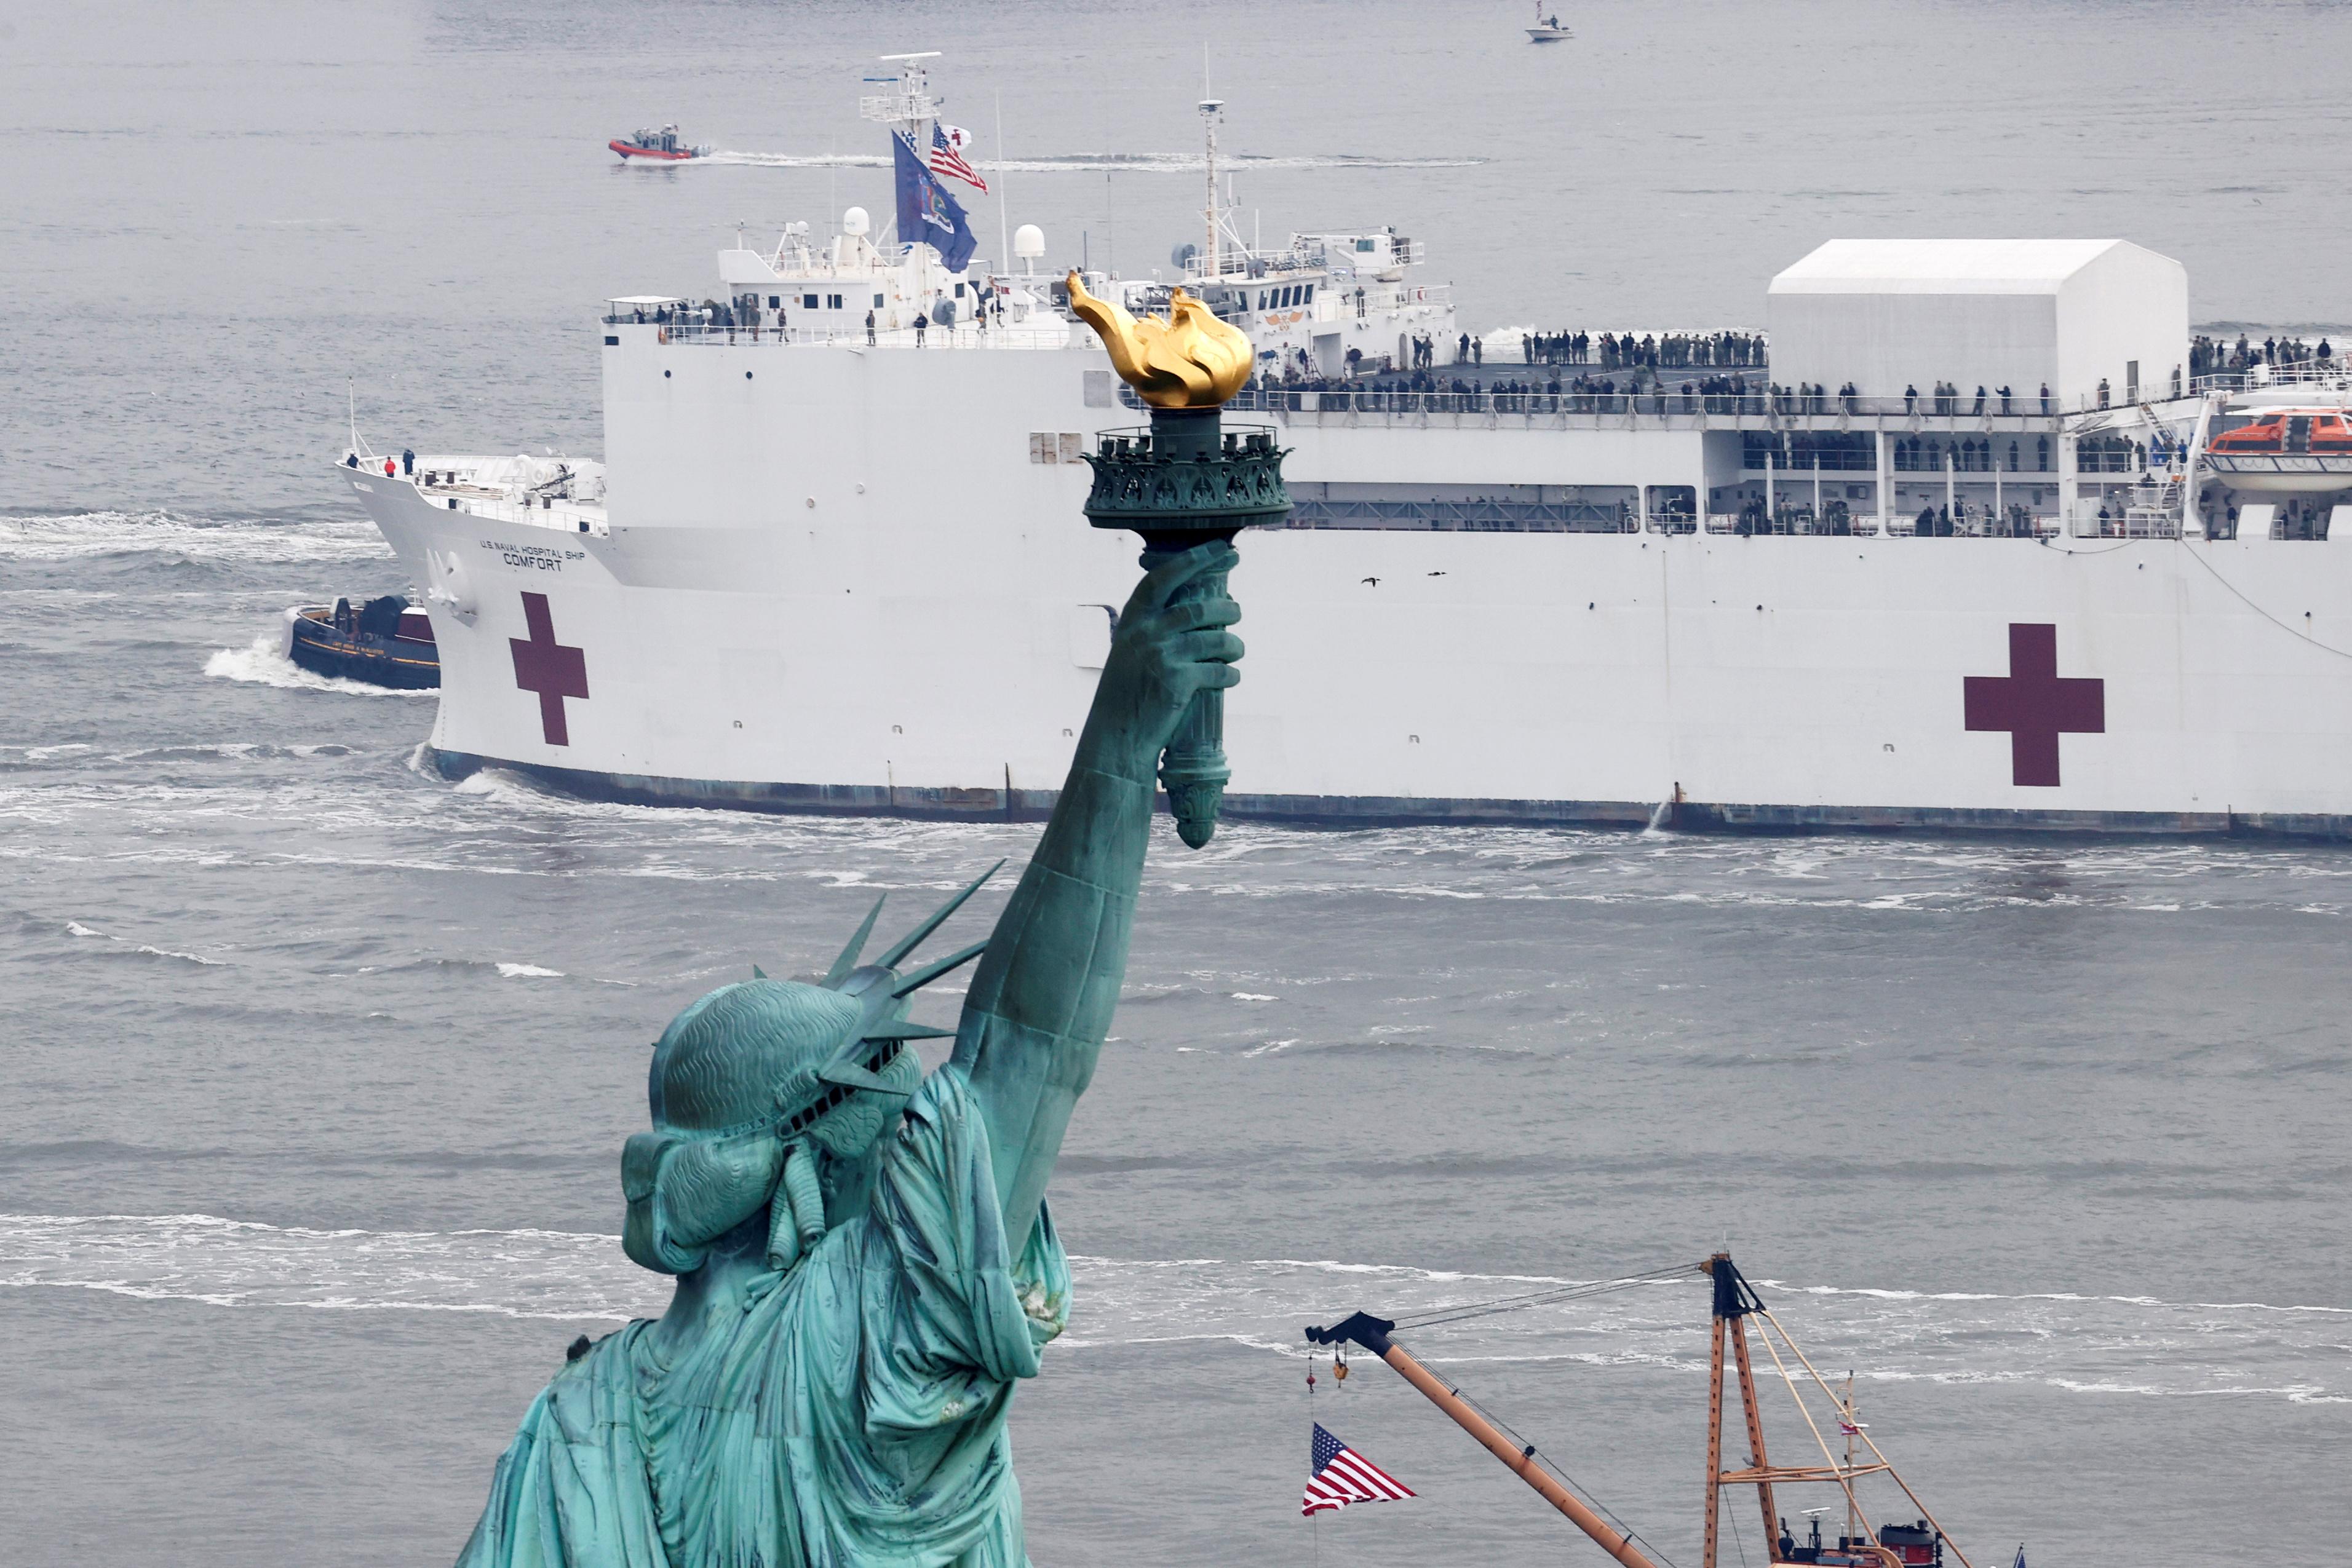 La Estatua de la Libertad, icono del paisaje neoyorkino, frente al buque hospital.